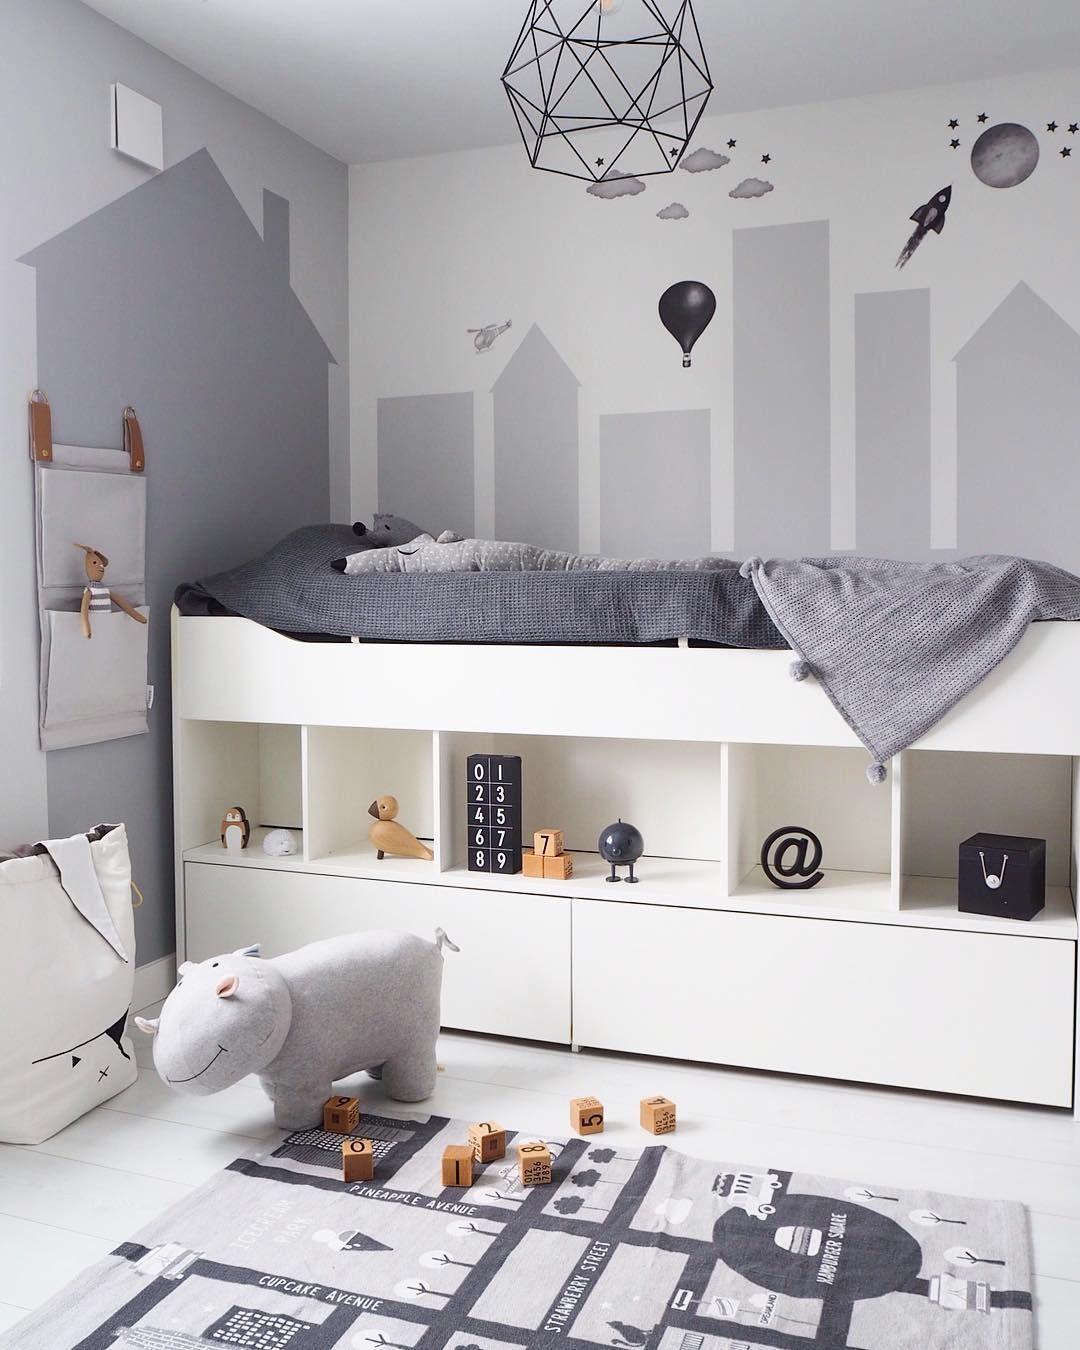 Full Size of Kinderzimmer Einrichten So Wird Jeder Junge Glcklich Zimmer Regal Weiß Sofa Regale Kinderzimmer Kinderzimmer Jungen